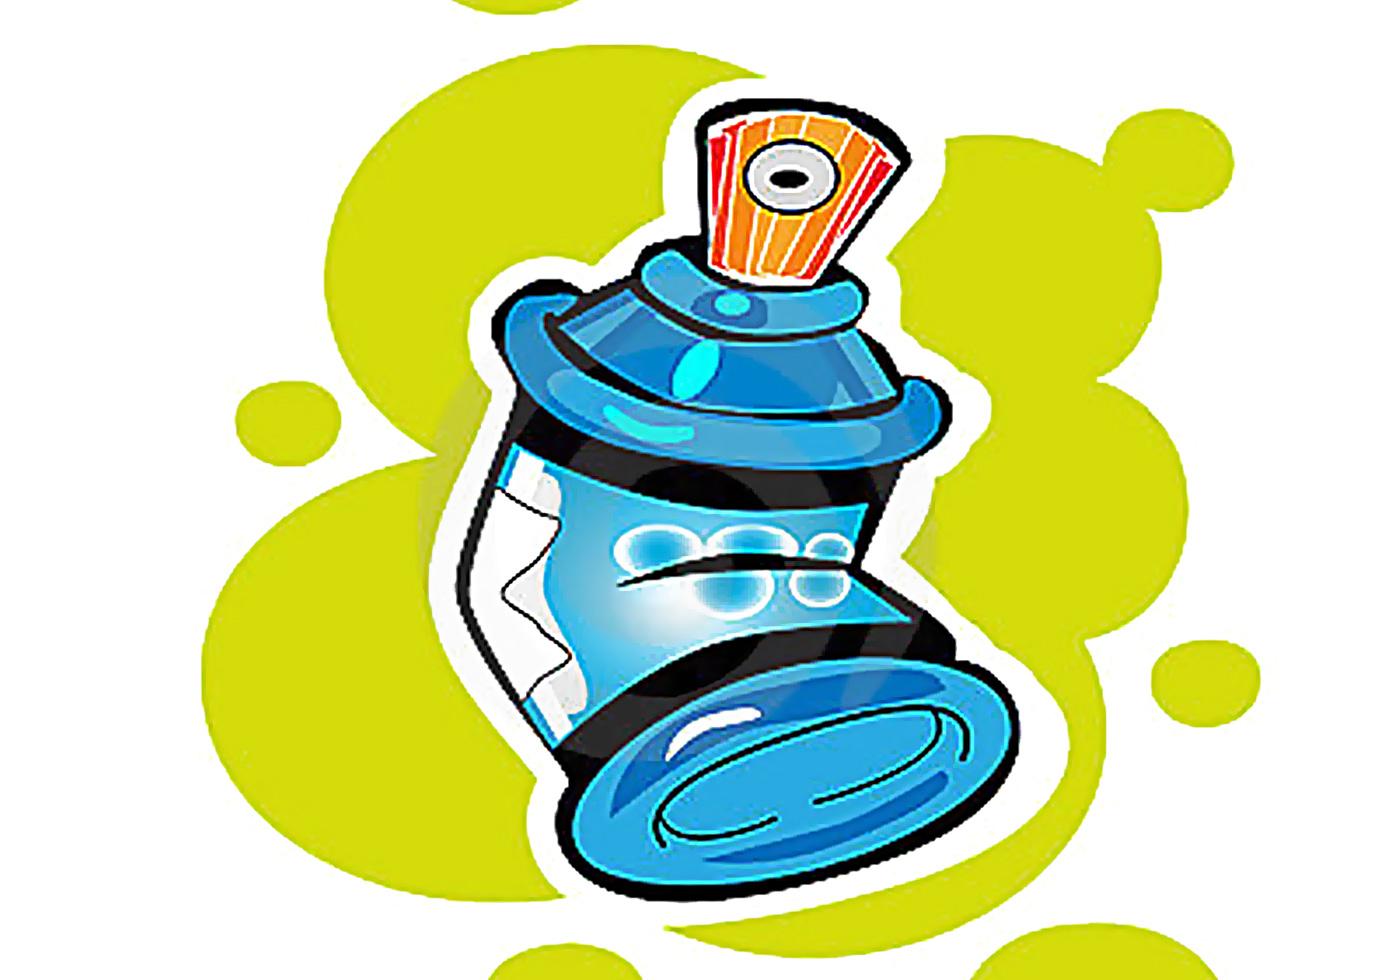 Graffiti Abc Free Brushes 102 Free Downloads